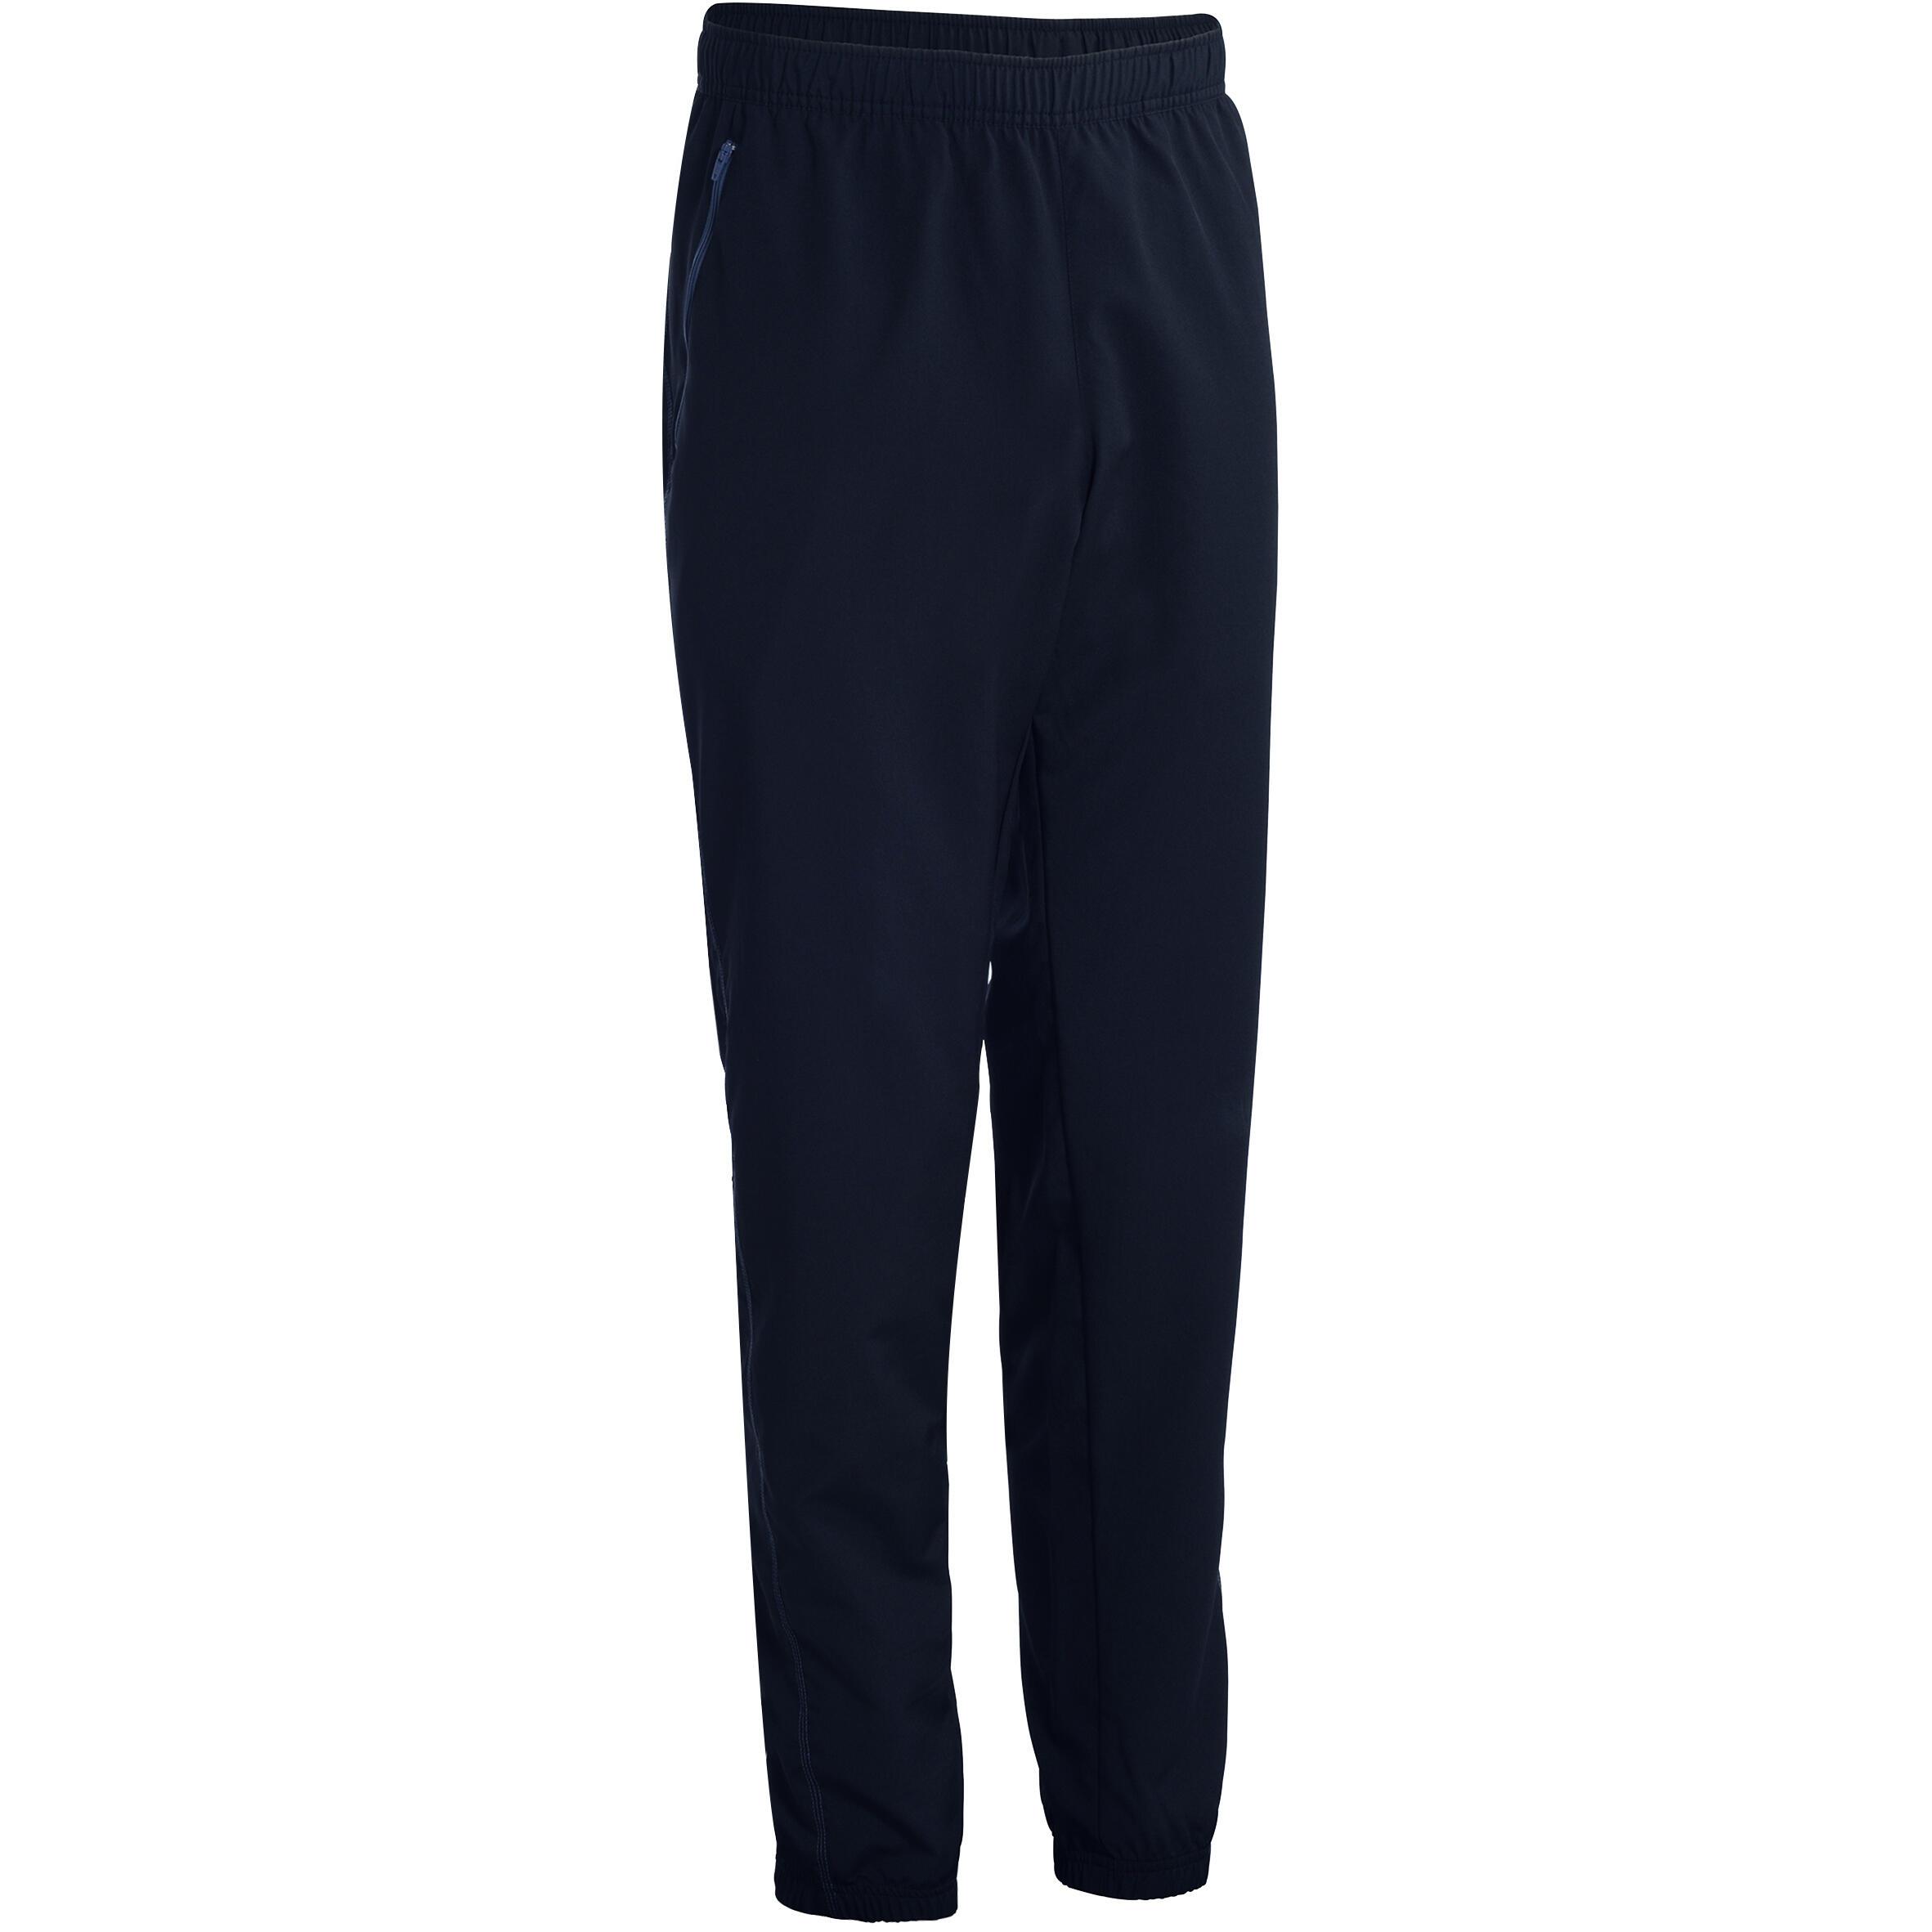 Domyos Fitness broek FPA120 voor heren, zwart